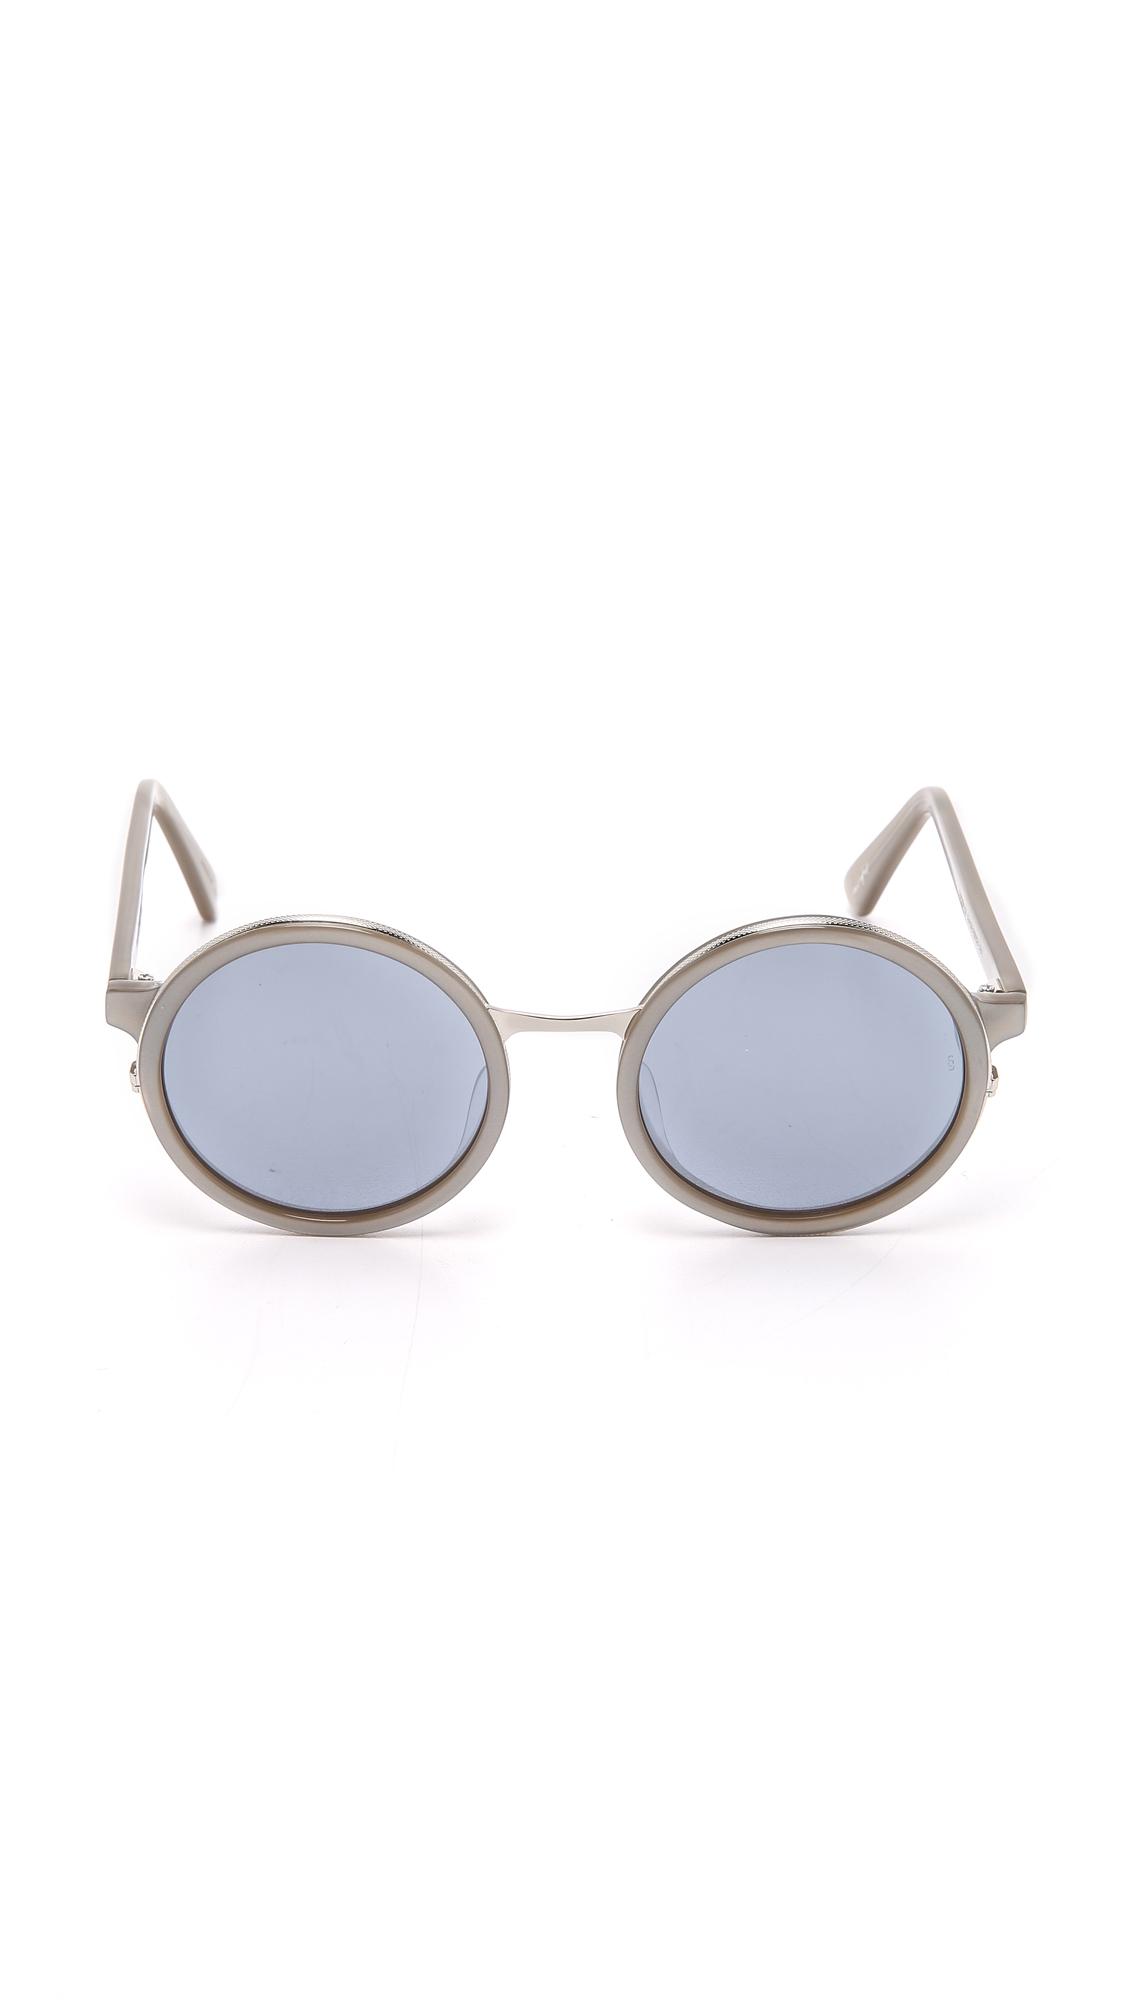 f507992c5ae Sunday Somewhere Soleil Sunglasses in Metallic - Lyst